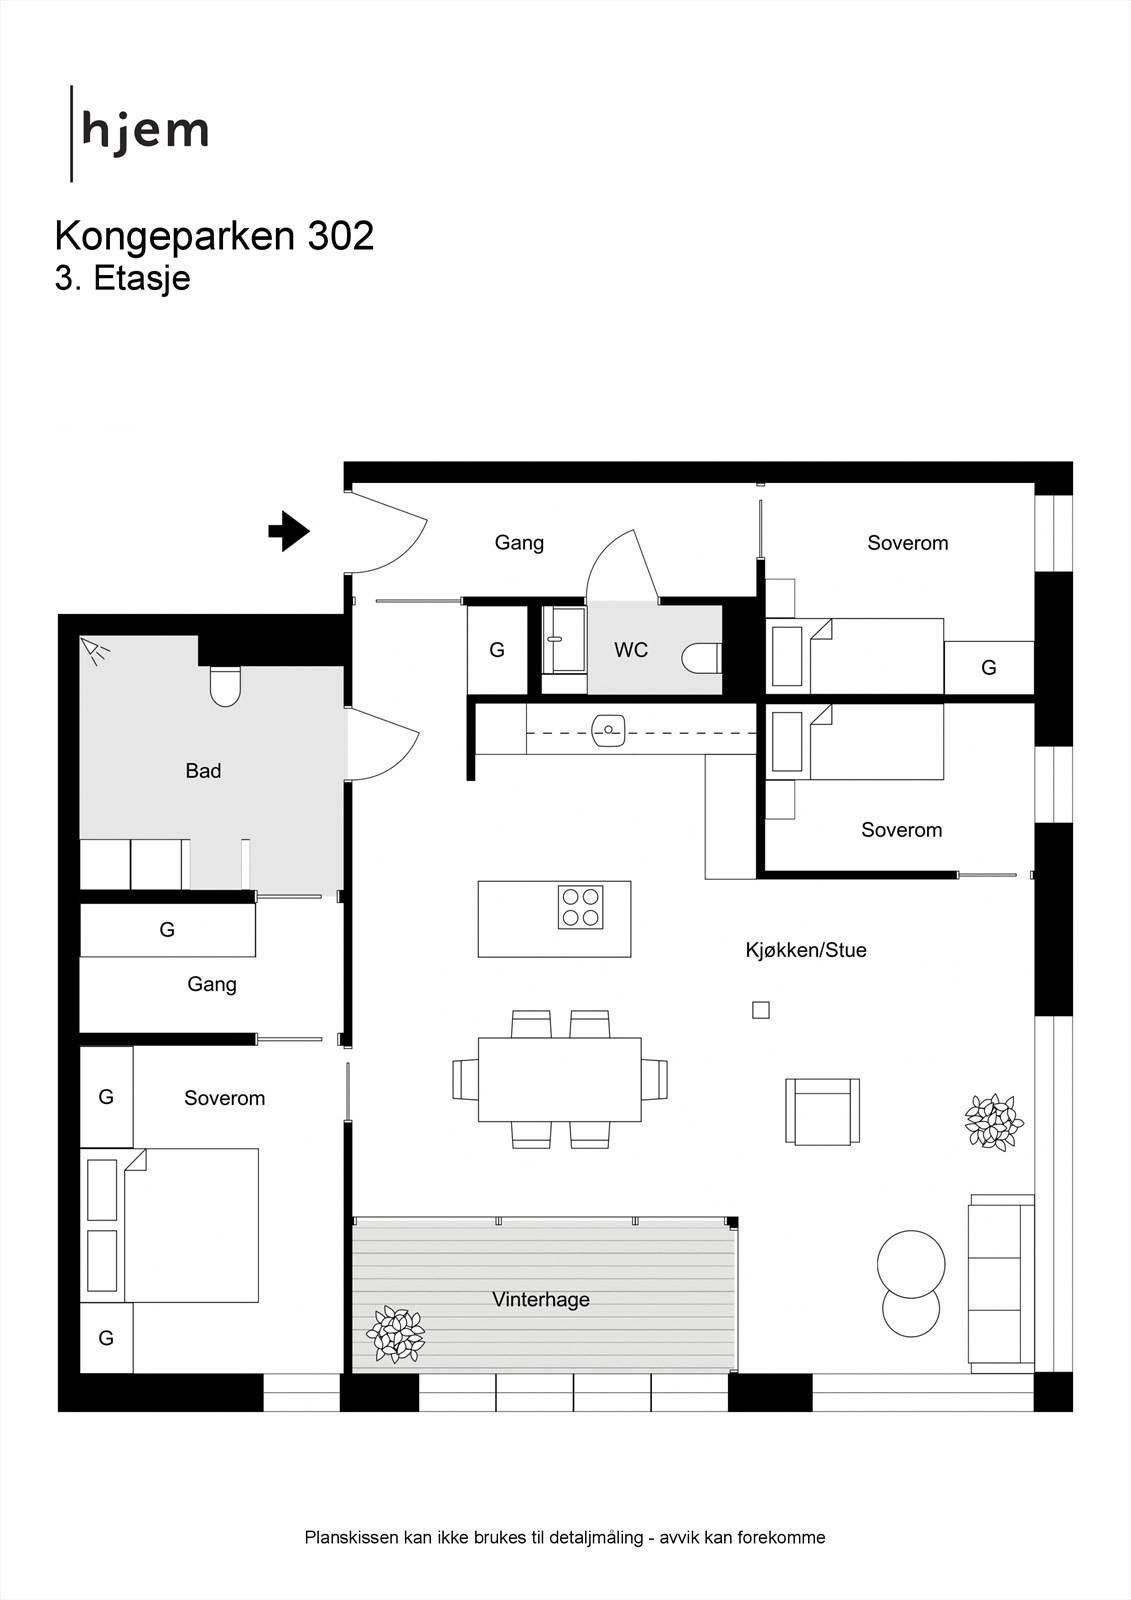 Kongeparken 302 - 2D - 3. Etasje - Vinterhagen er tatt bort - dette er nå en del av stuen, men dørende kan åpnes som tidligere